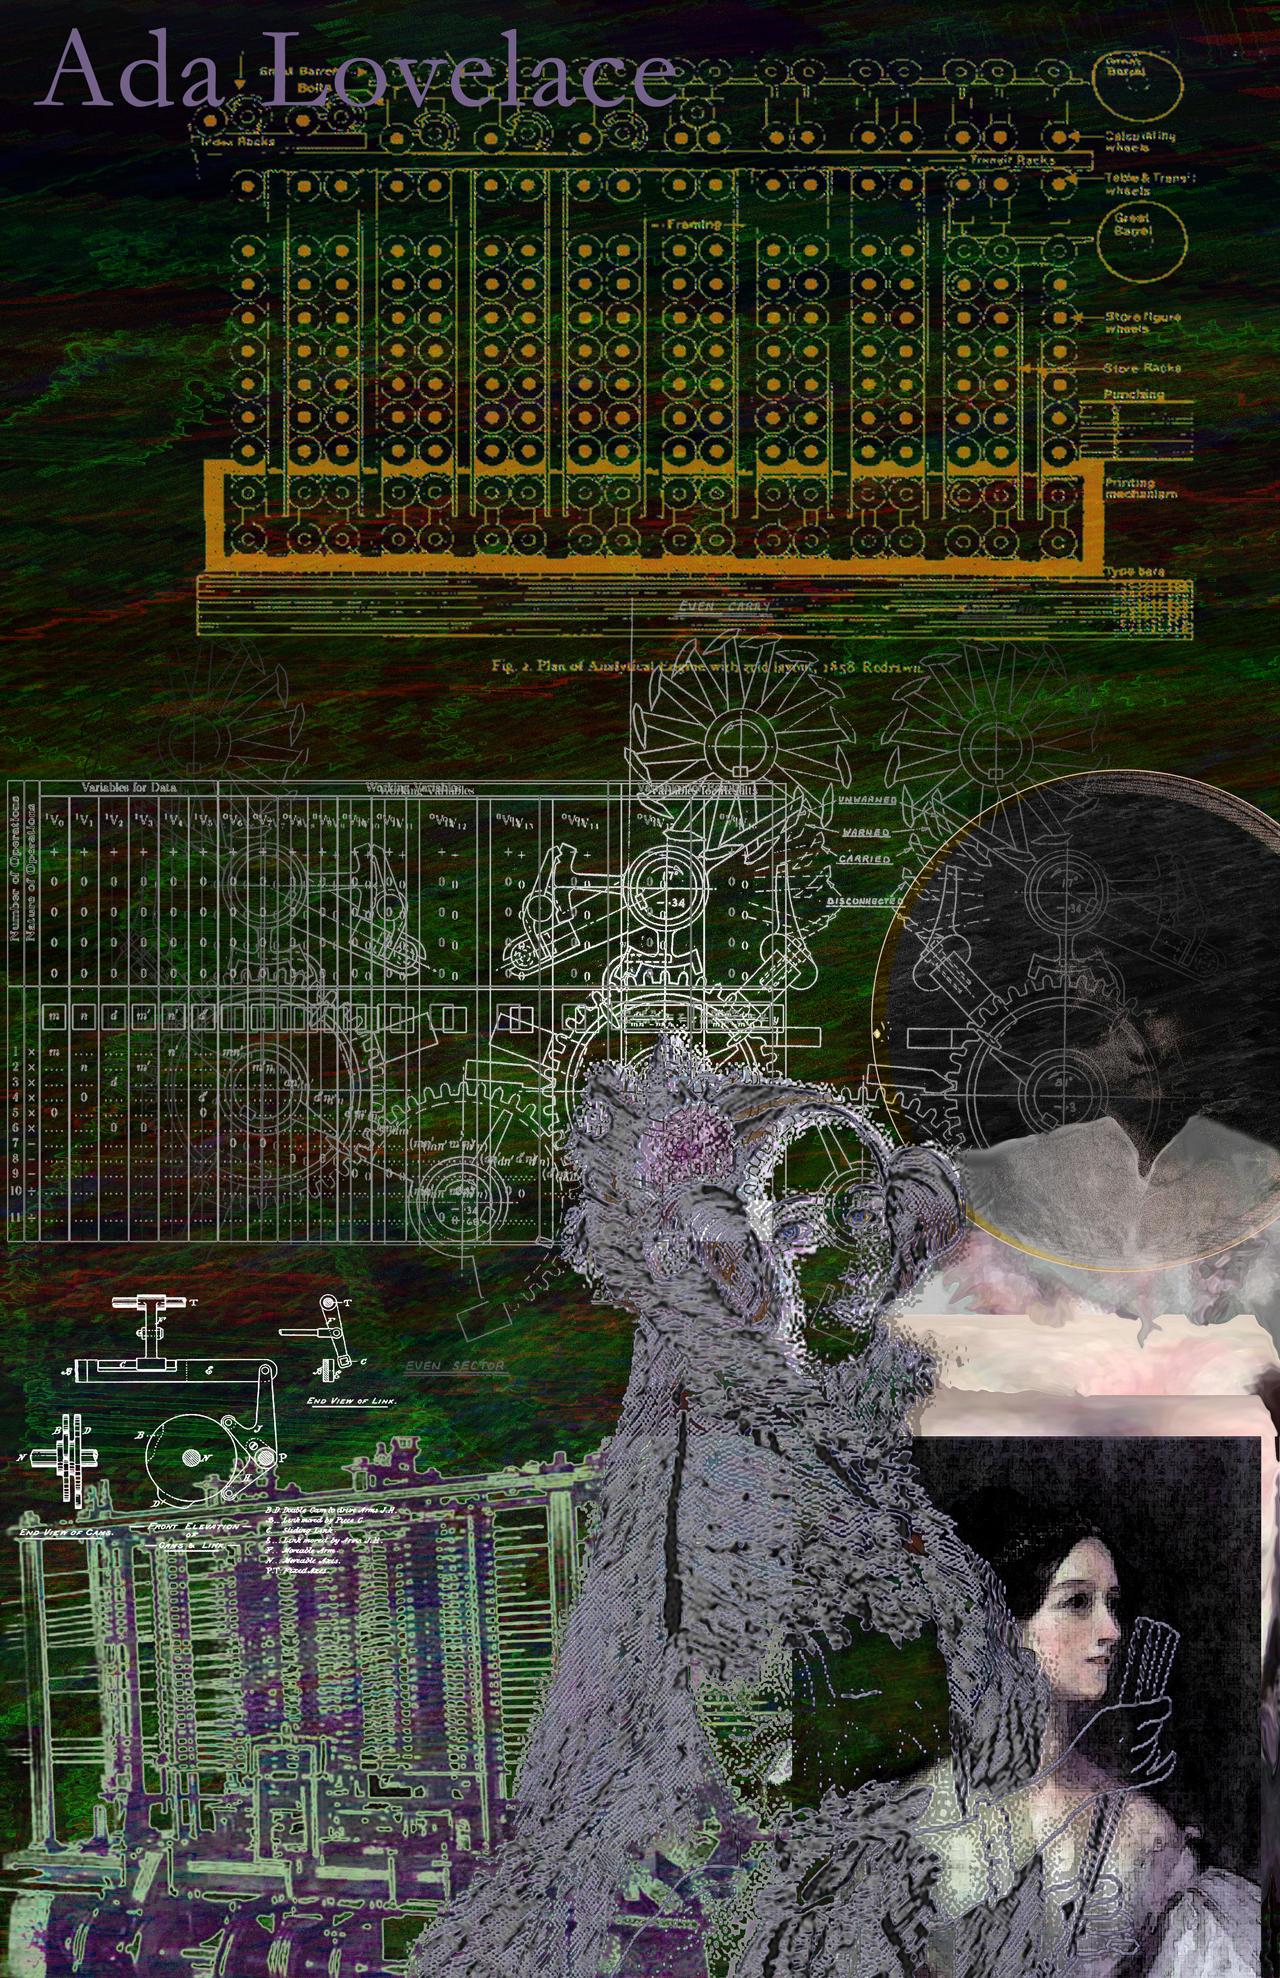 Ada Lovelace by Rakista